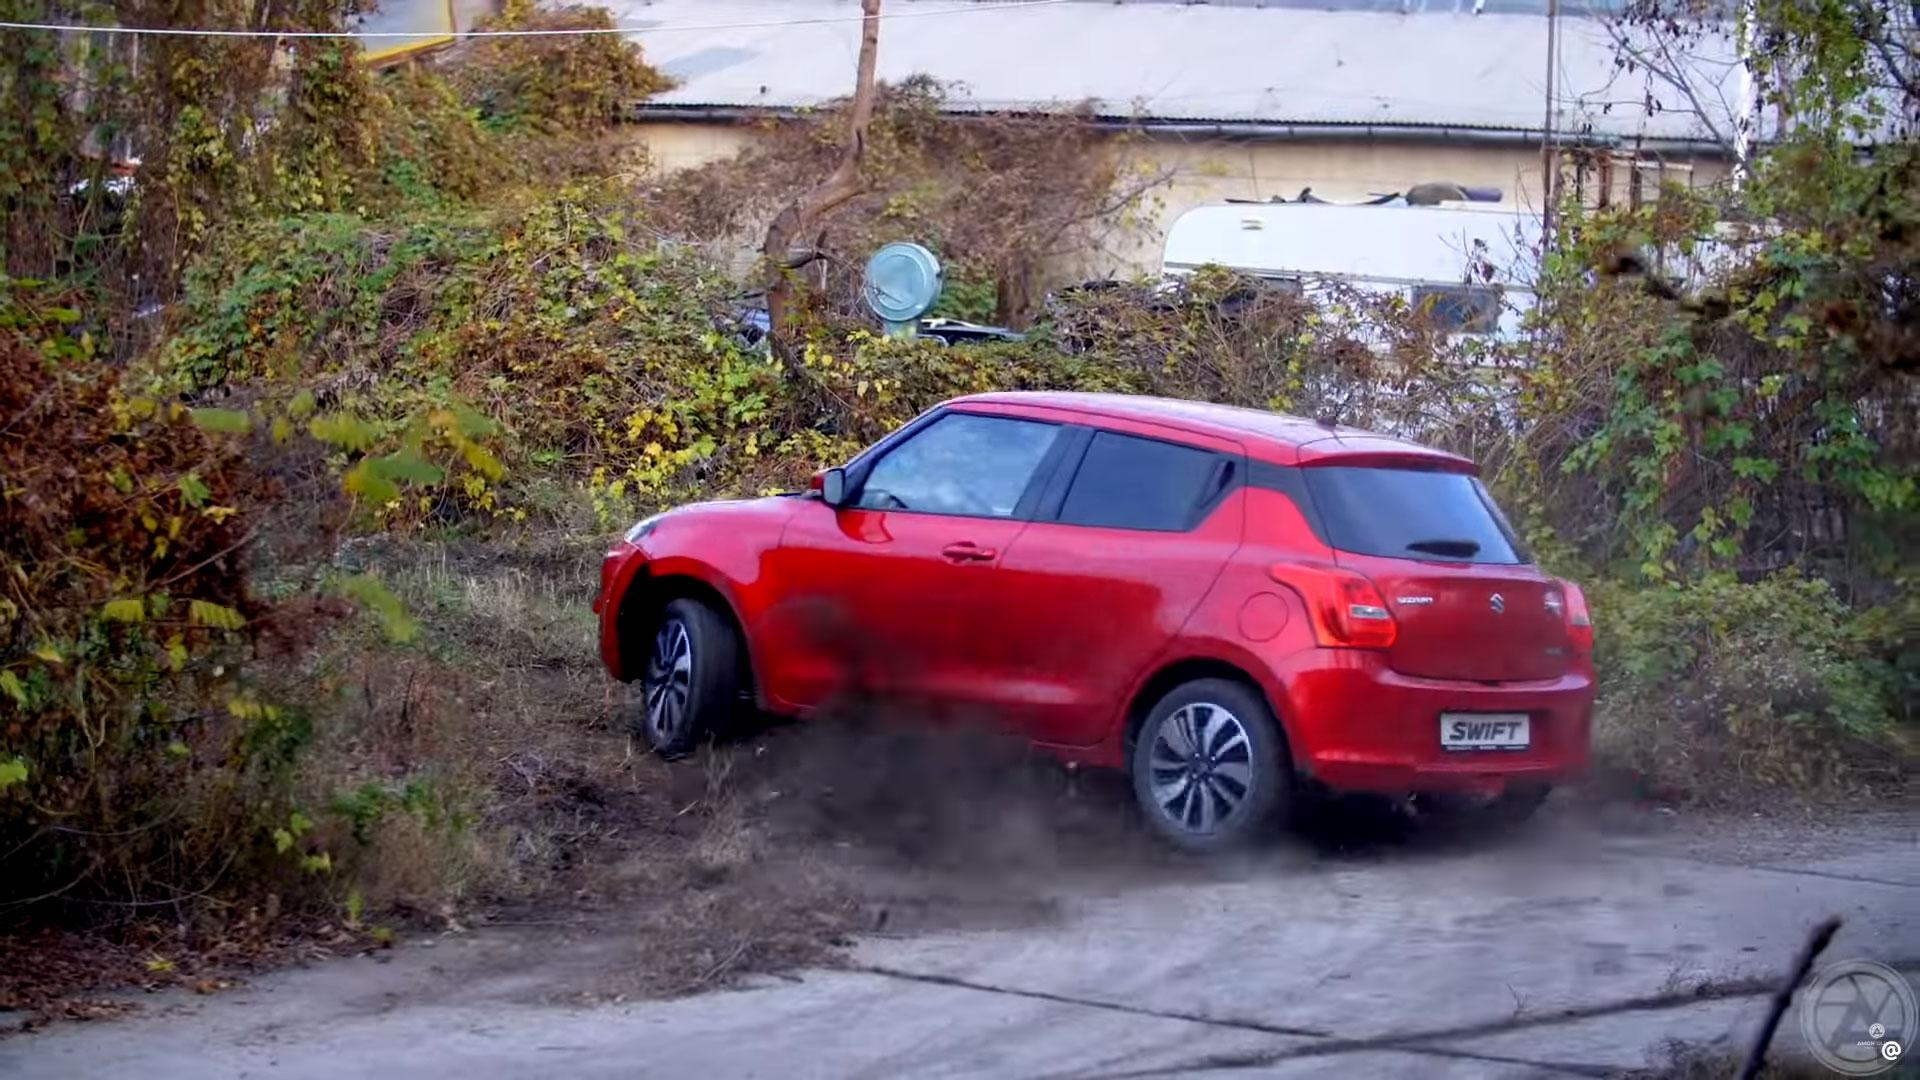 Meest afgetrapte Suzuki Swift ter wereld